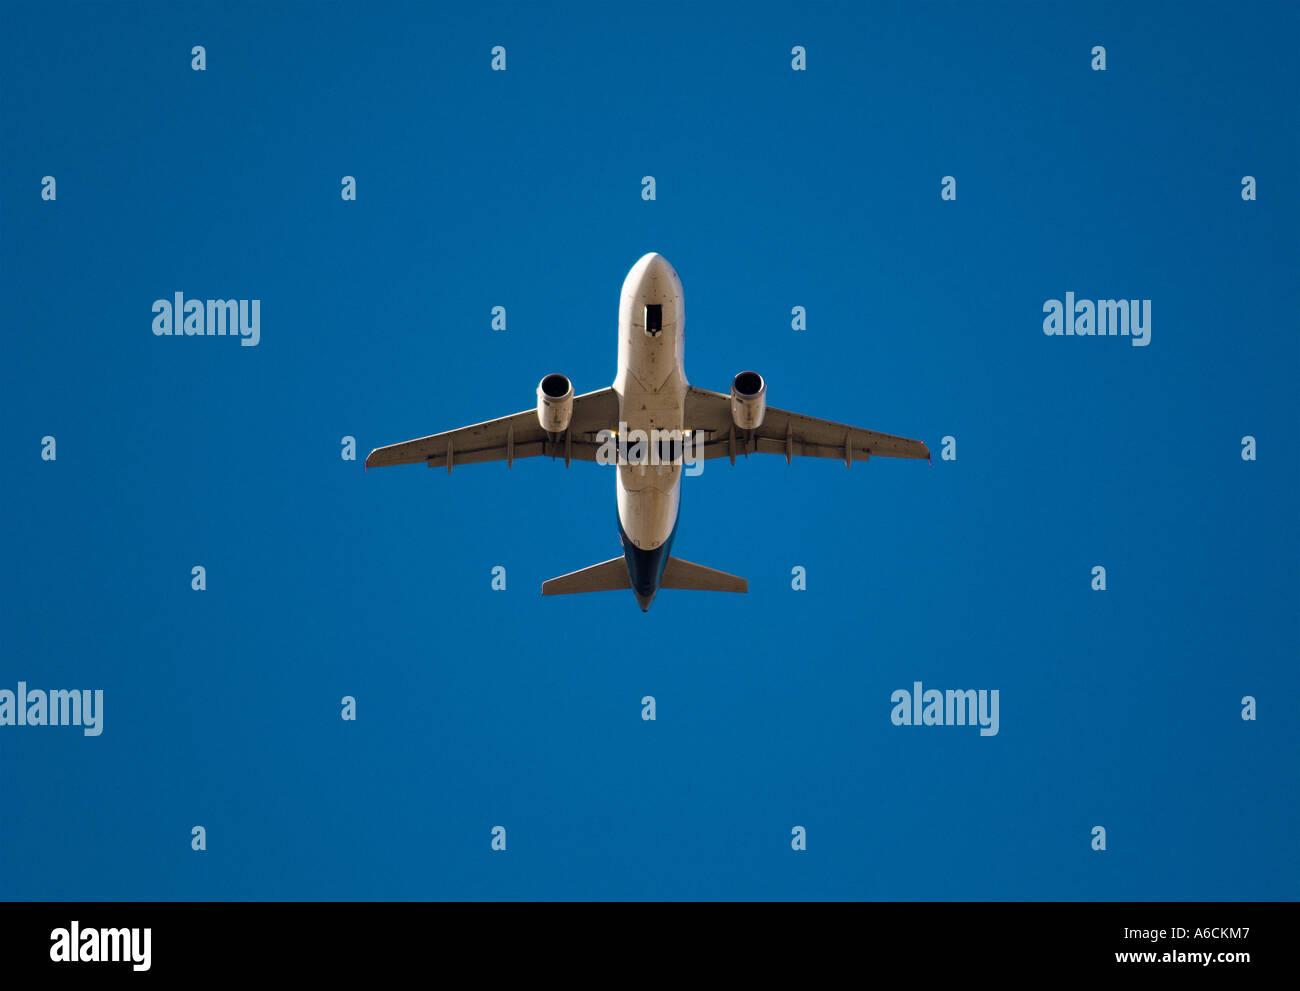 Passenger jet in blue sky - Stock Image